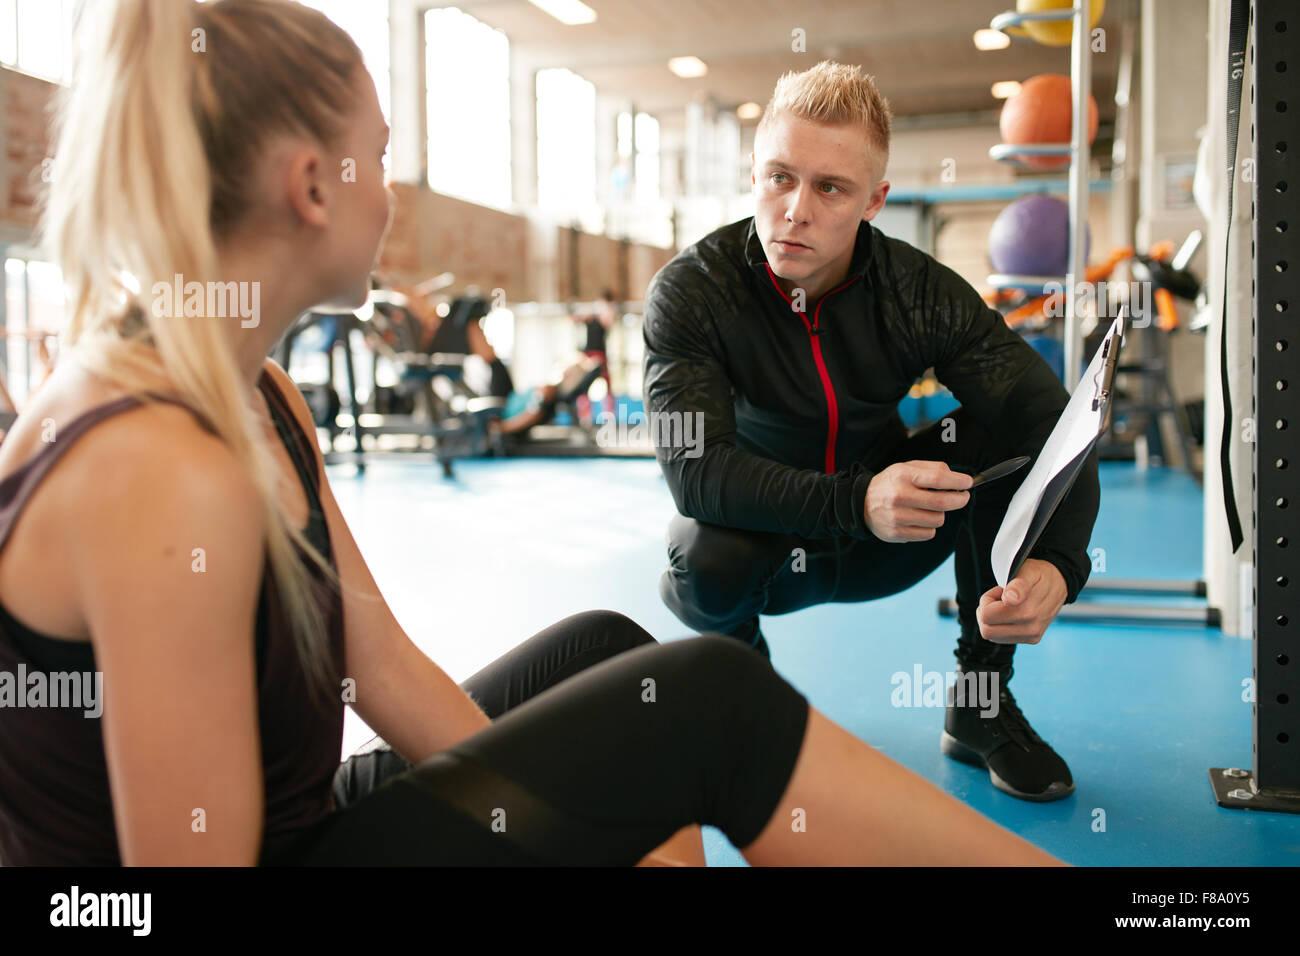 Giovane donna in una palestra seduto sul pavimento e parlando con il suo allenatore privato su un programma di esercizi Immagini Stock